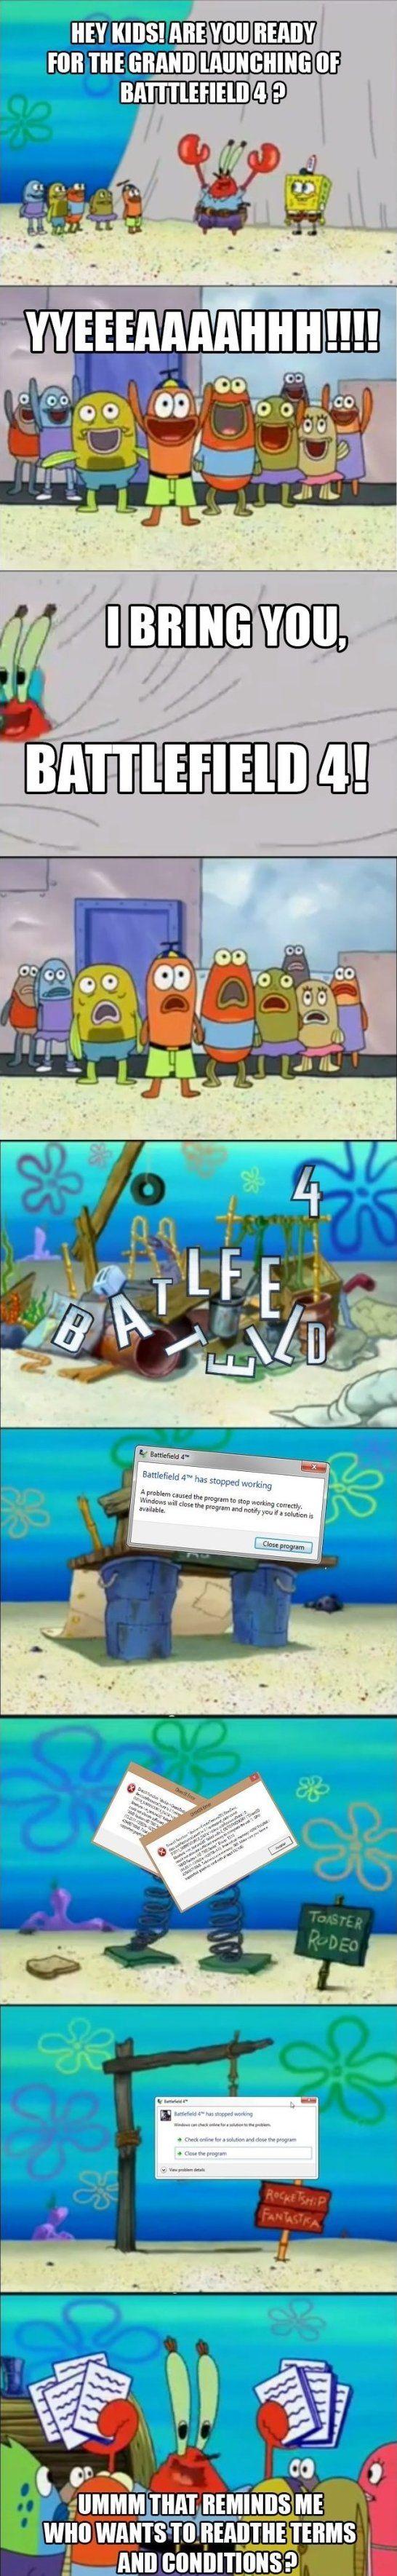 Funny battlefield 4 meme